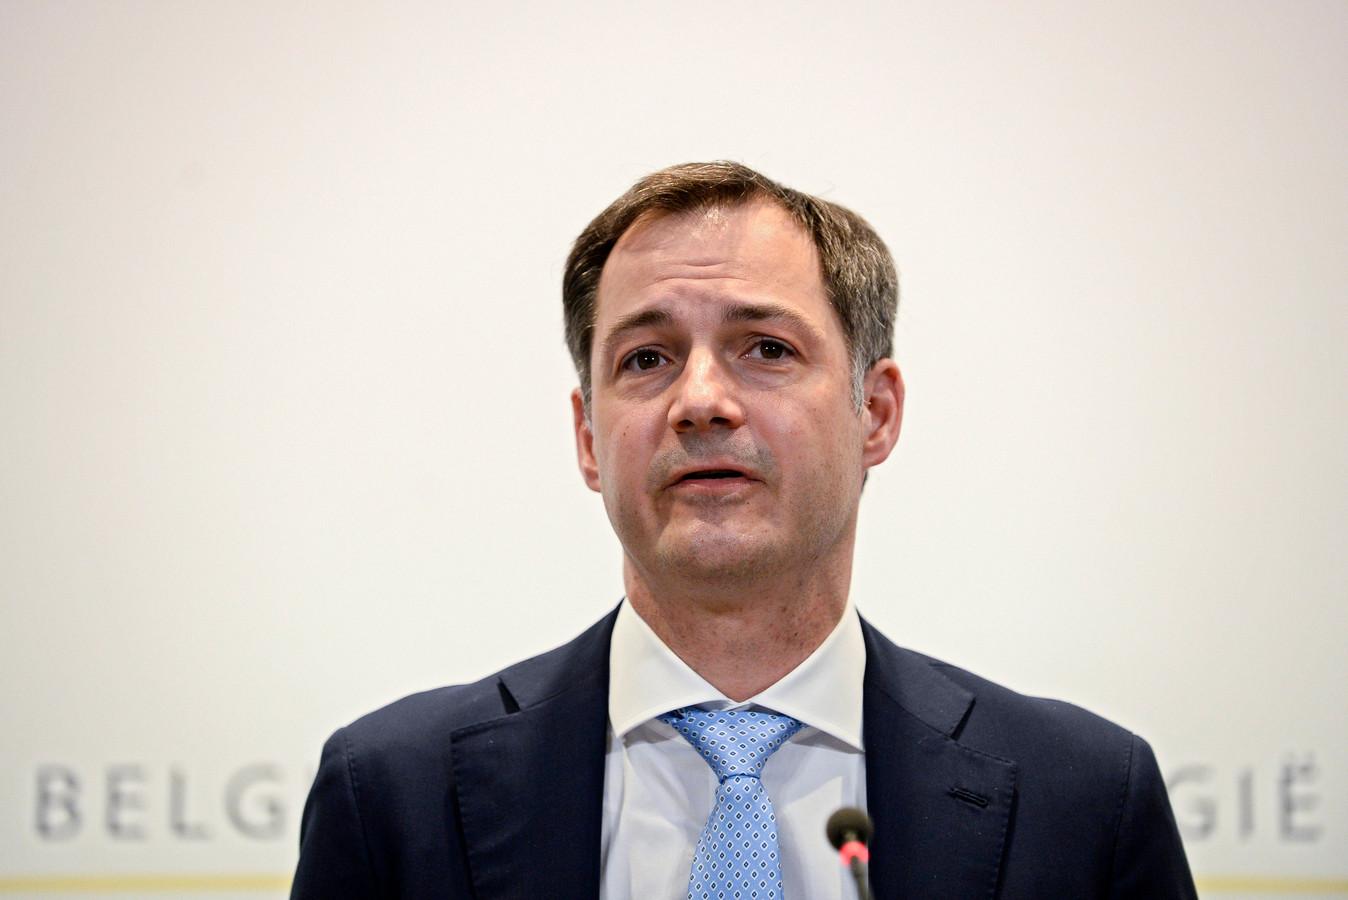 Alexander De Croo en conférence de presse, le 26 février 2021.